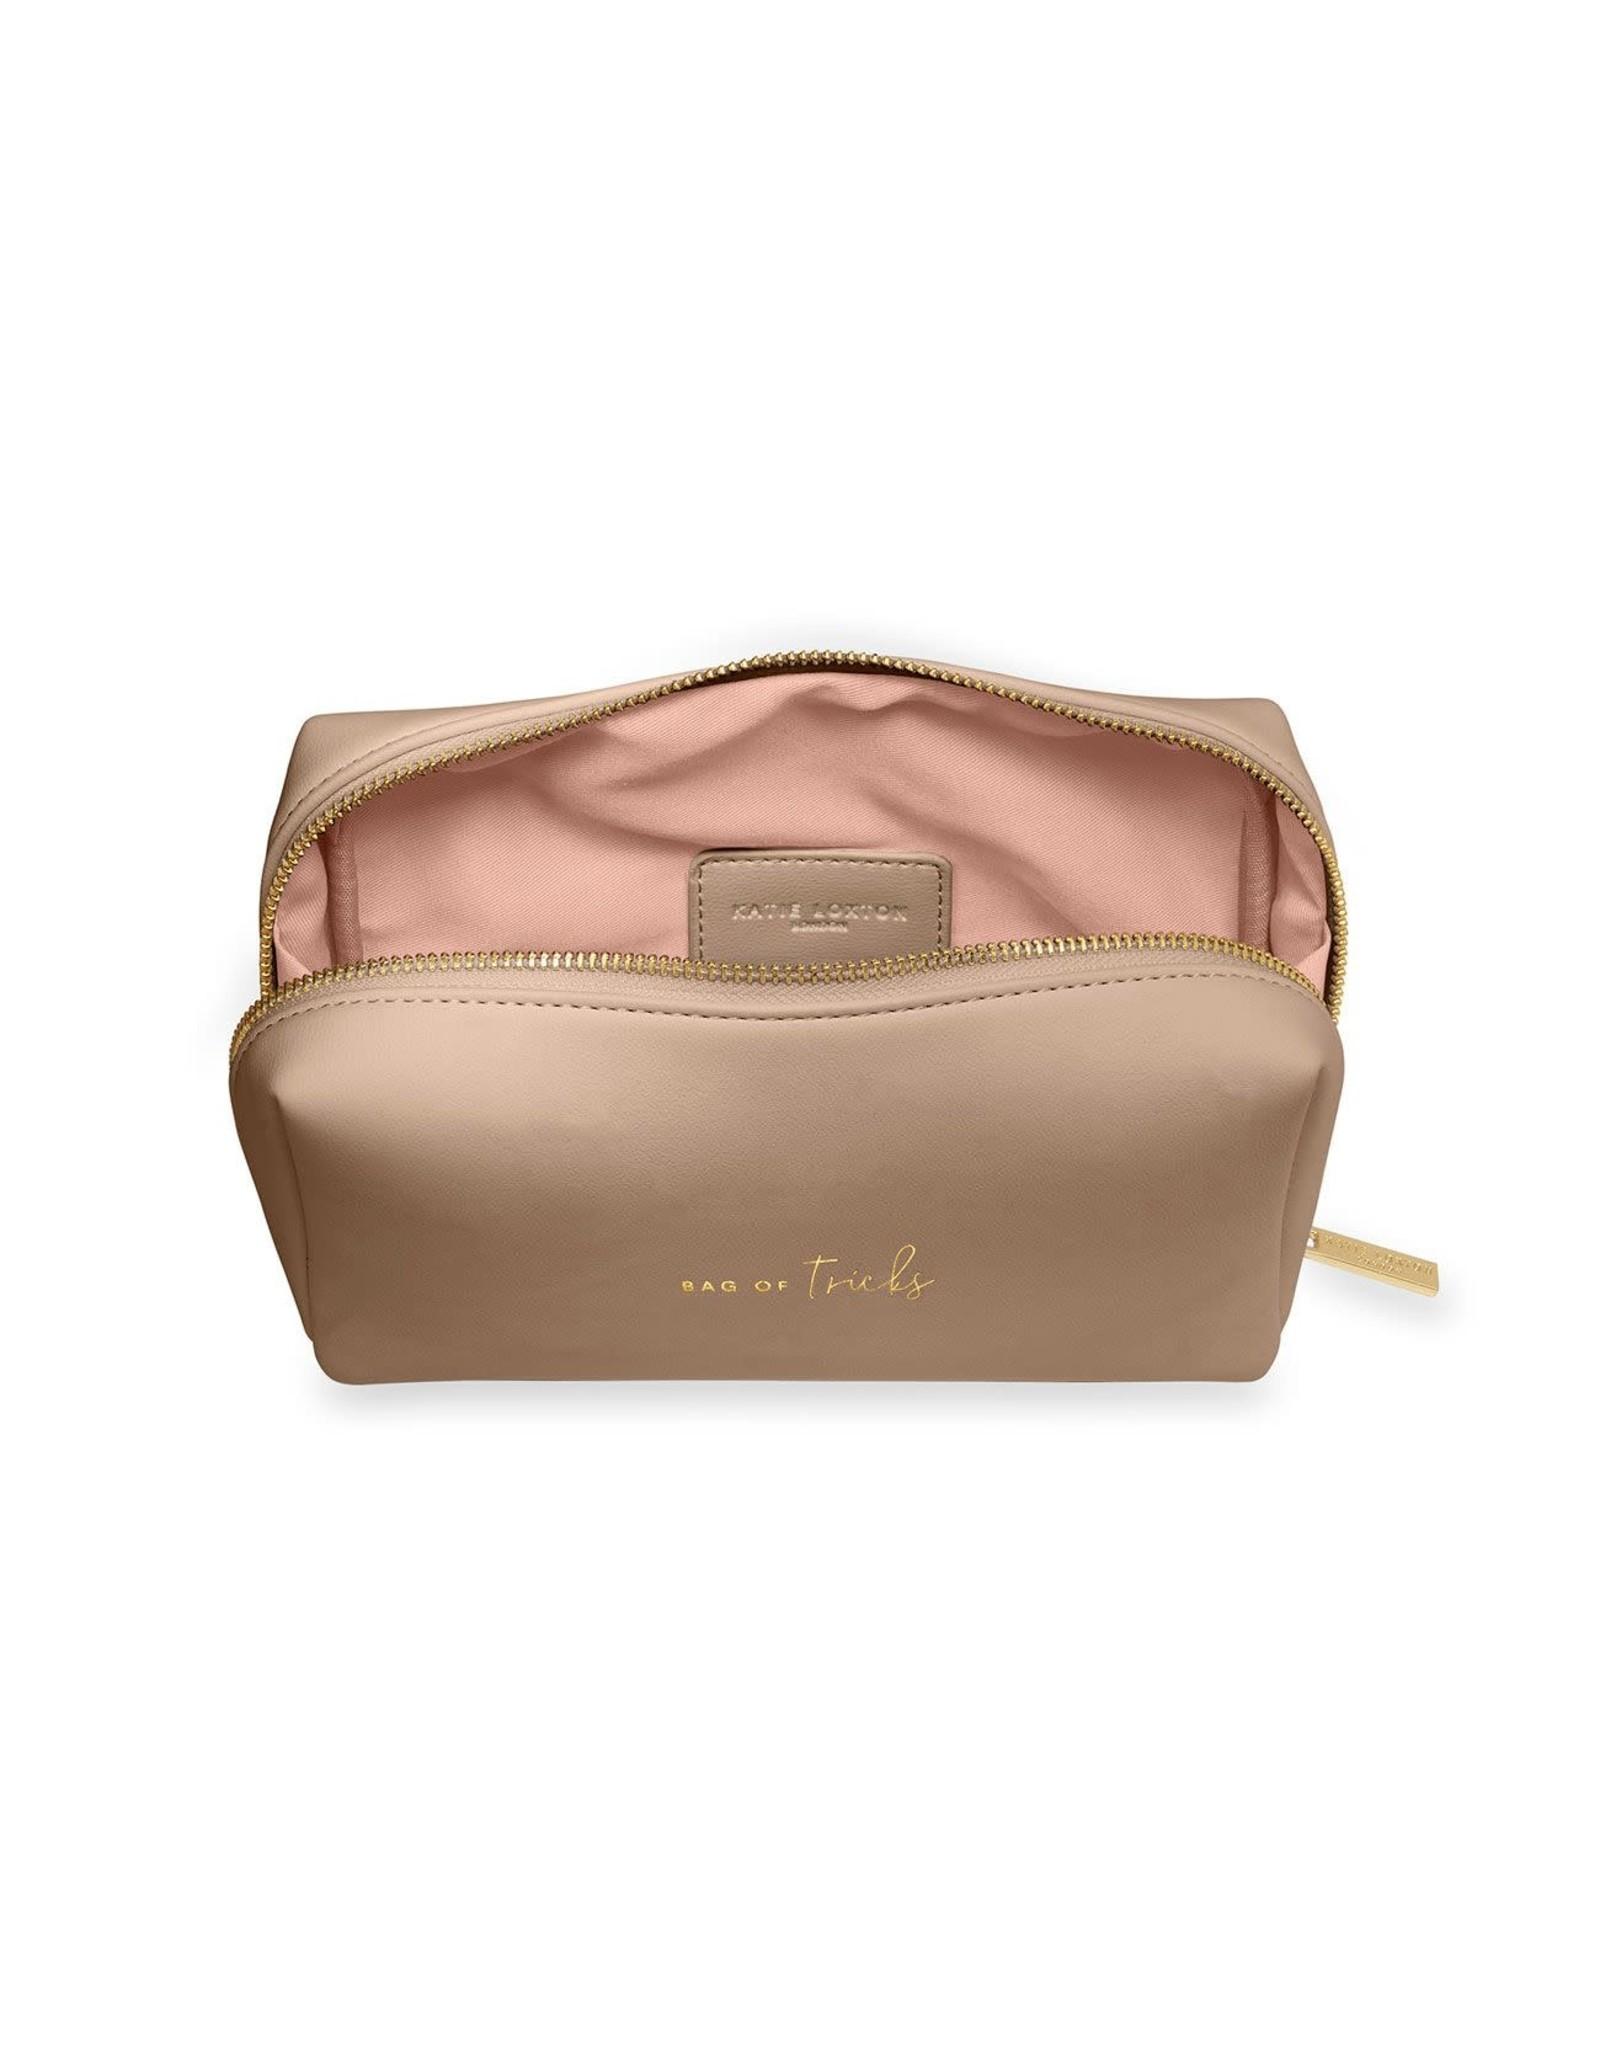 Katie Loxton Make-uptas - Bag of Tricks - Taupe